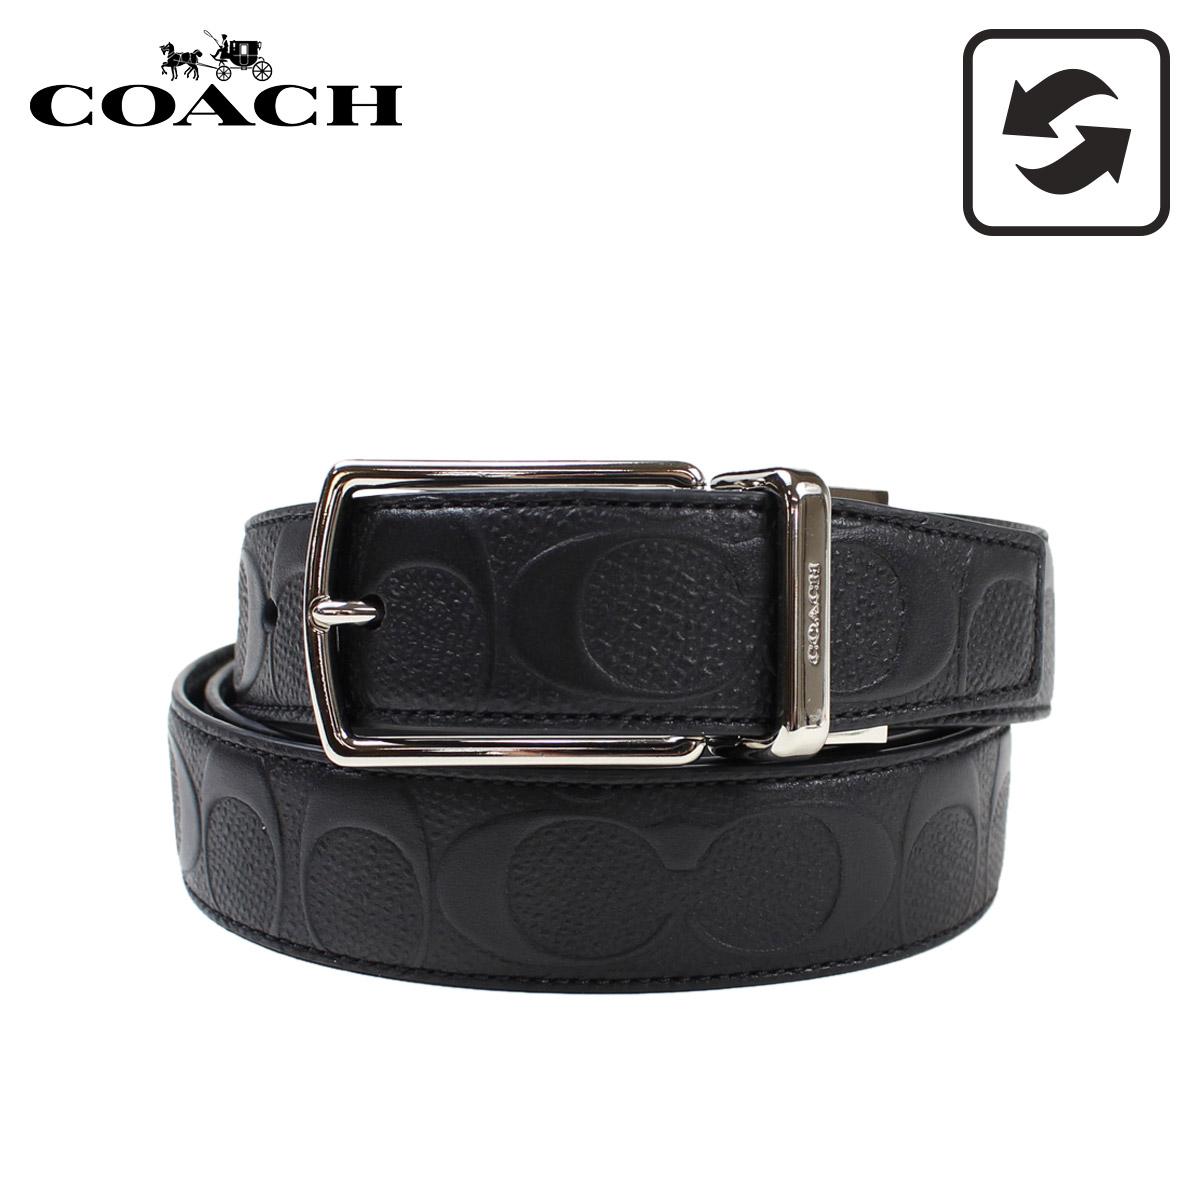 コーチ COACH ベルト メンズ レザー リバーシブル 革 ブラック F55158